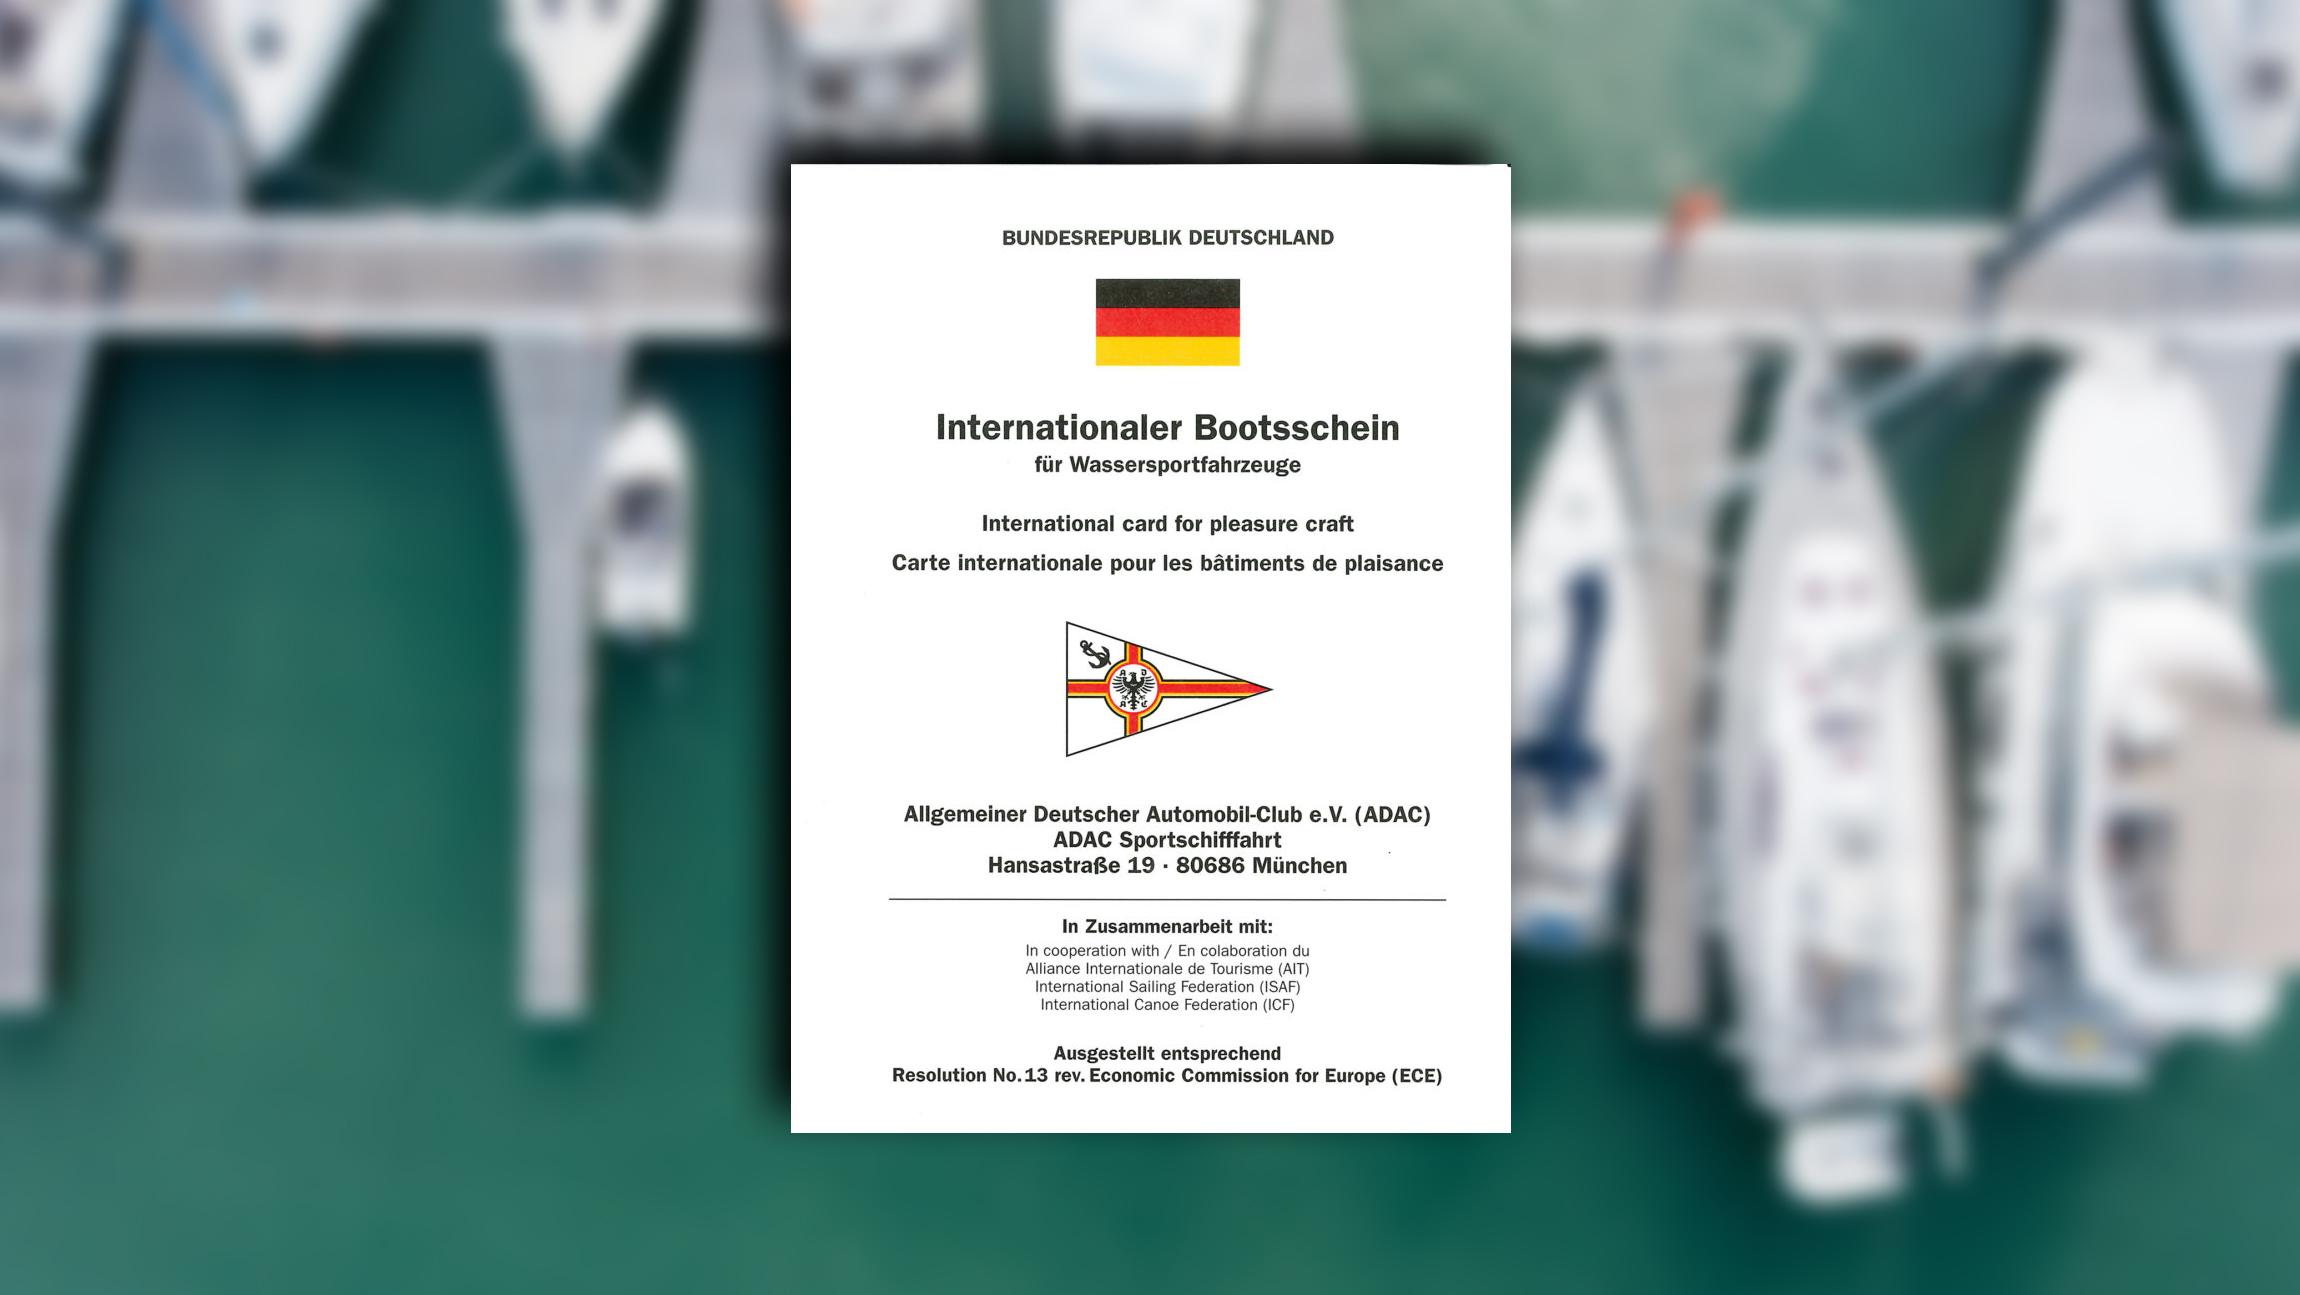 IBS Internationaler Bootsschein des ADAC